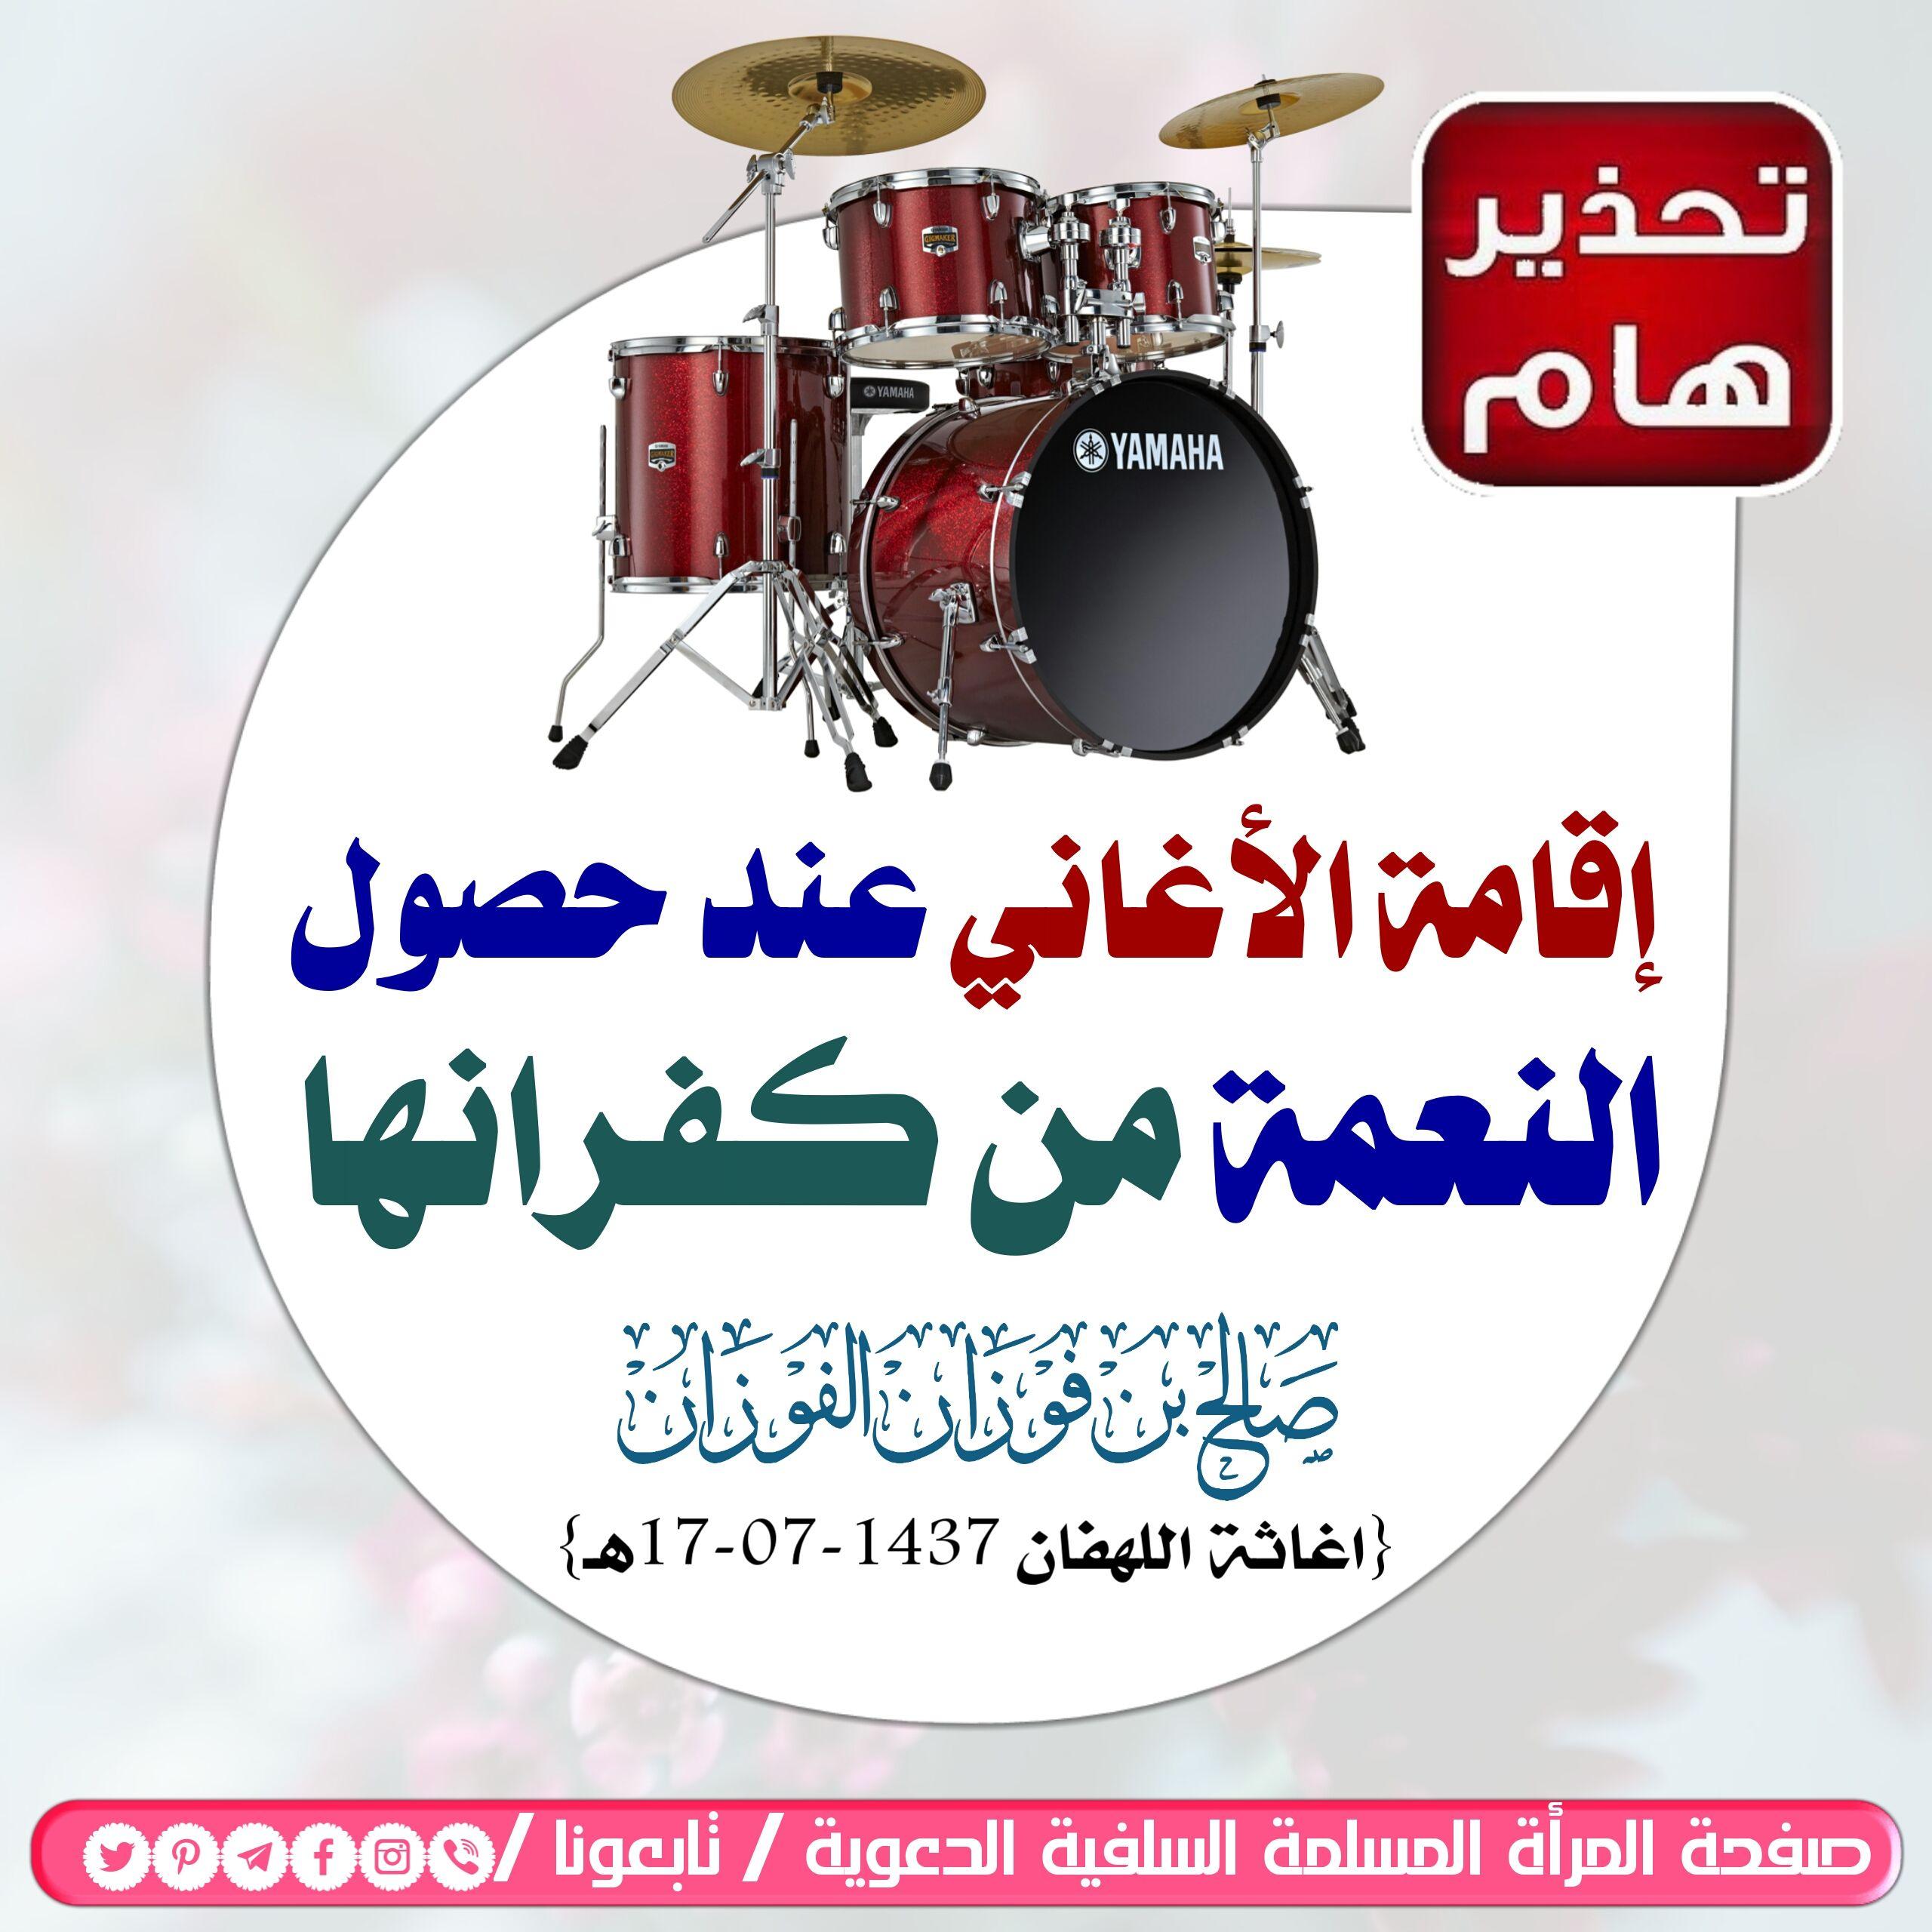 قال الشيخ صالح الفوزان حفظه الله إقامة الأغاني عند حصول النعمة من كفرانها اغاثة اللهفان 17 07 1437هـ Yamaha